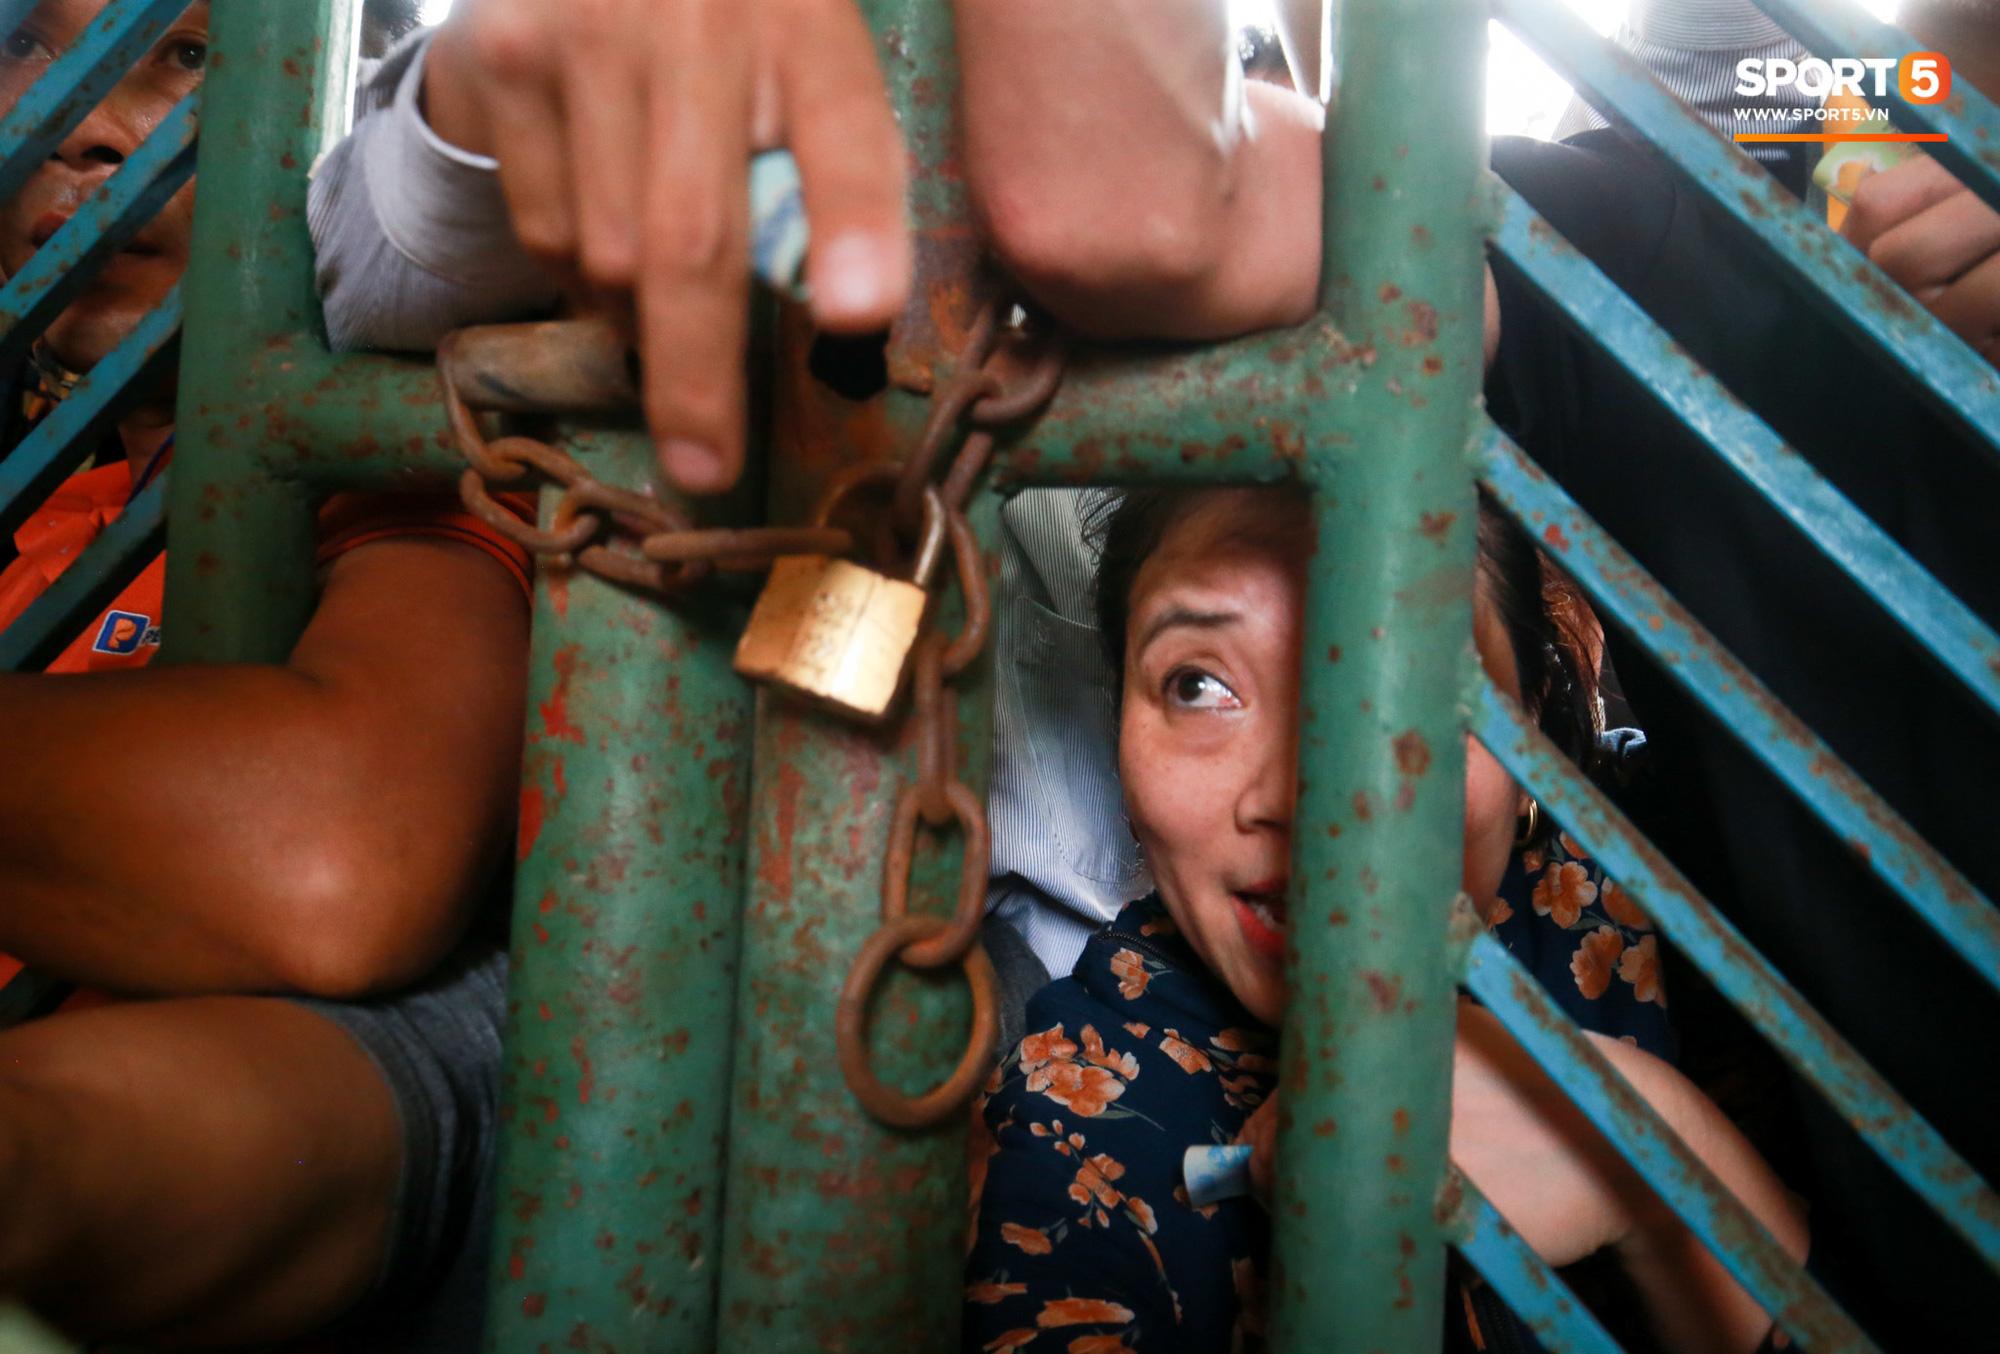 Chen nhau nghẹt thở mua vé xem bóng đá ở Nam Định, dân phe Hà Nội cũng đổ về thu gom - Ảnh 6.